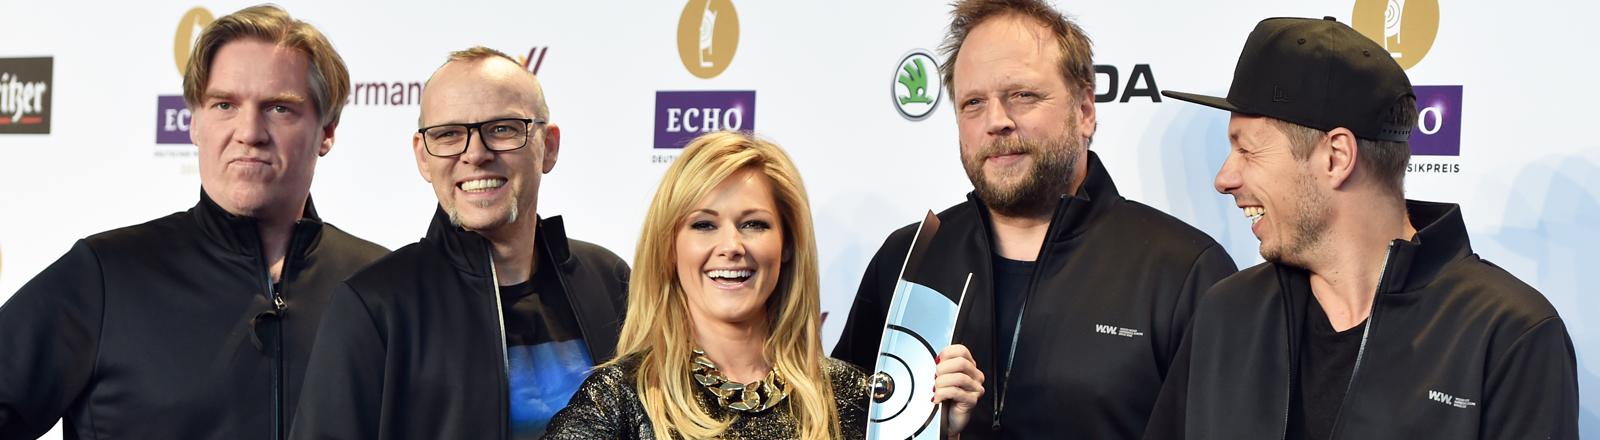 Schlagersängerin Helene Fischer (M) und die Band Die Fantastischen Vier posieren bei einem Pressetermin zum Echo 2014.